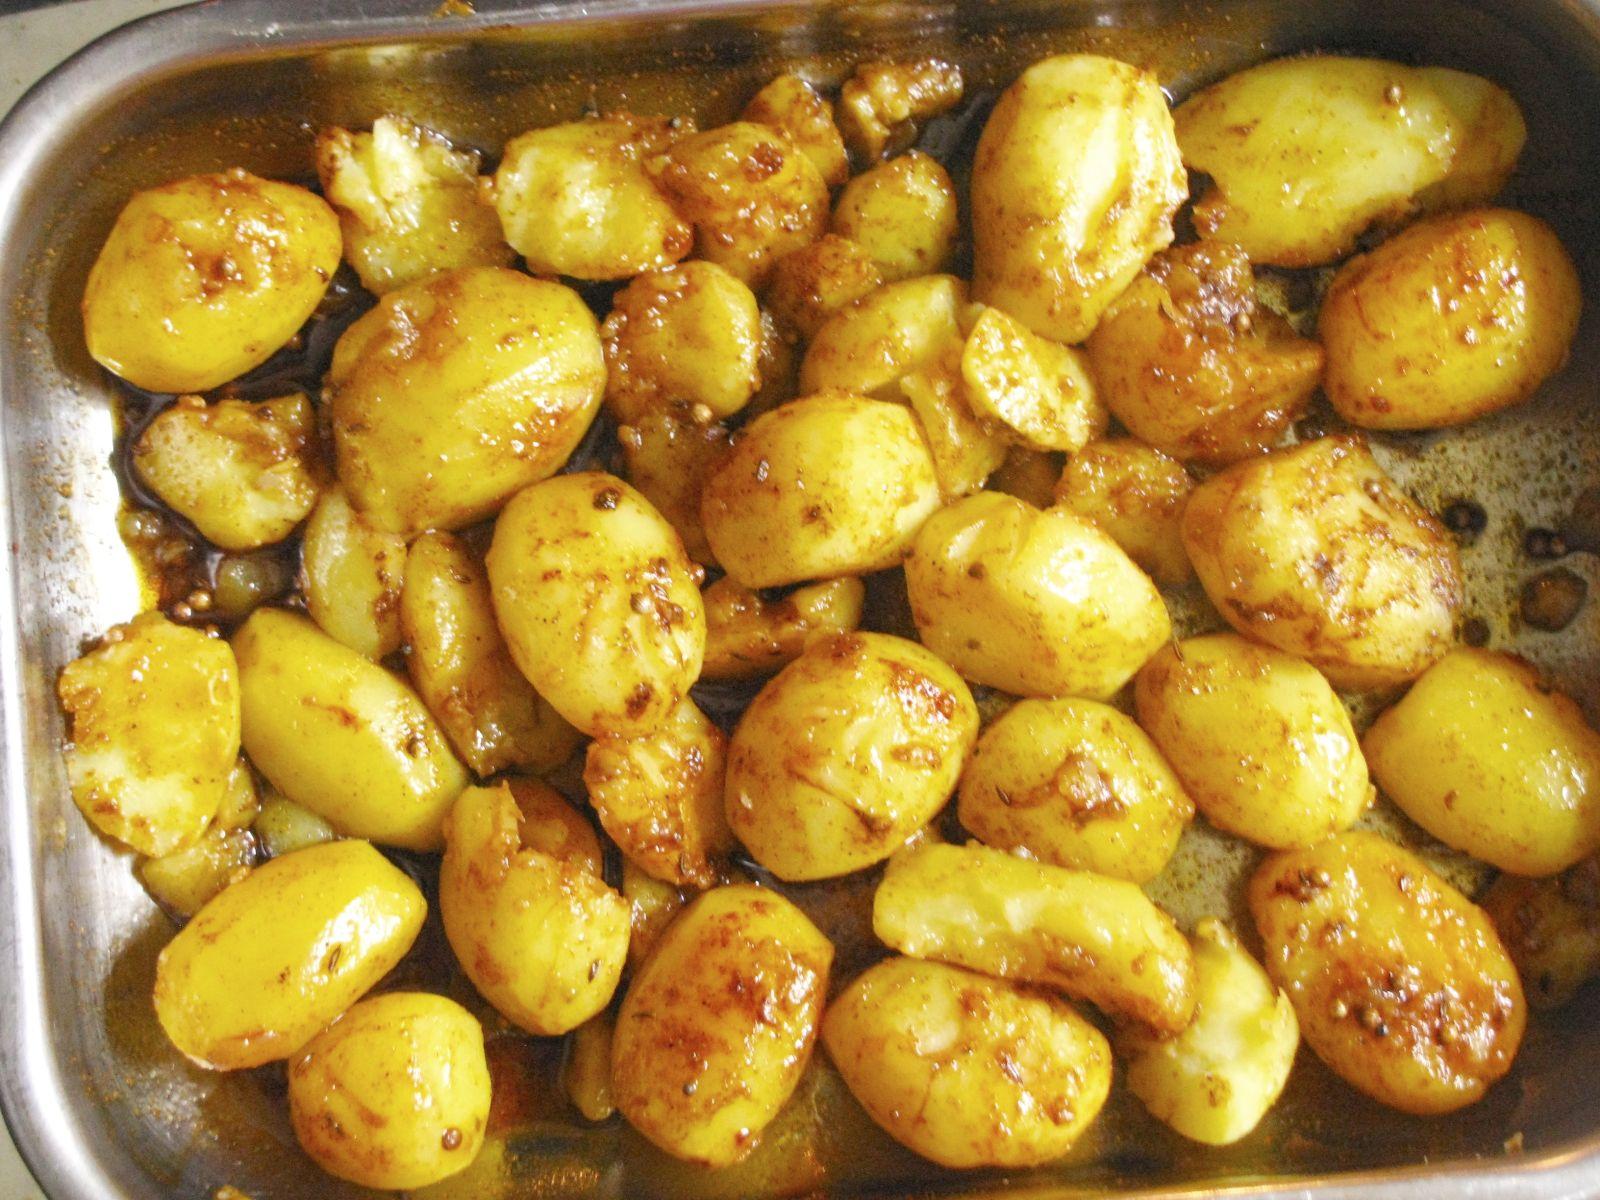 korenene zemiaky pred pecenim